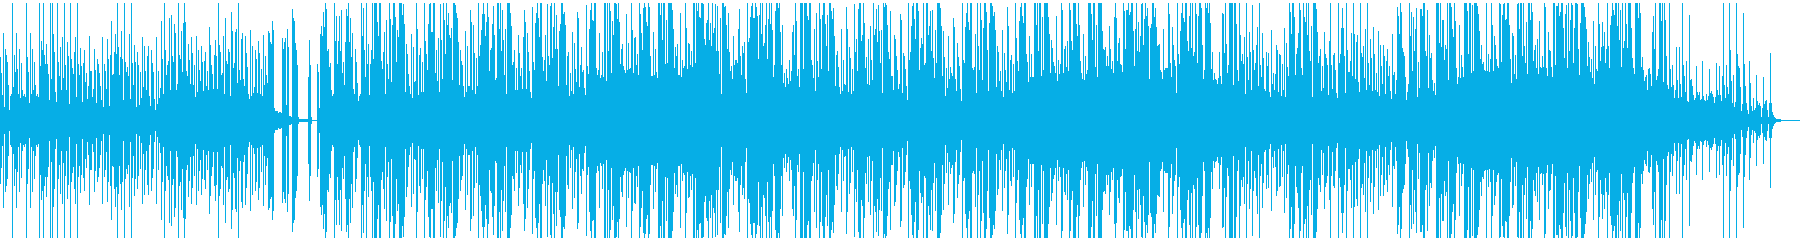 ピアノとスラップが印象的なエレクトロニカの再生済みの波形